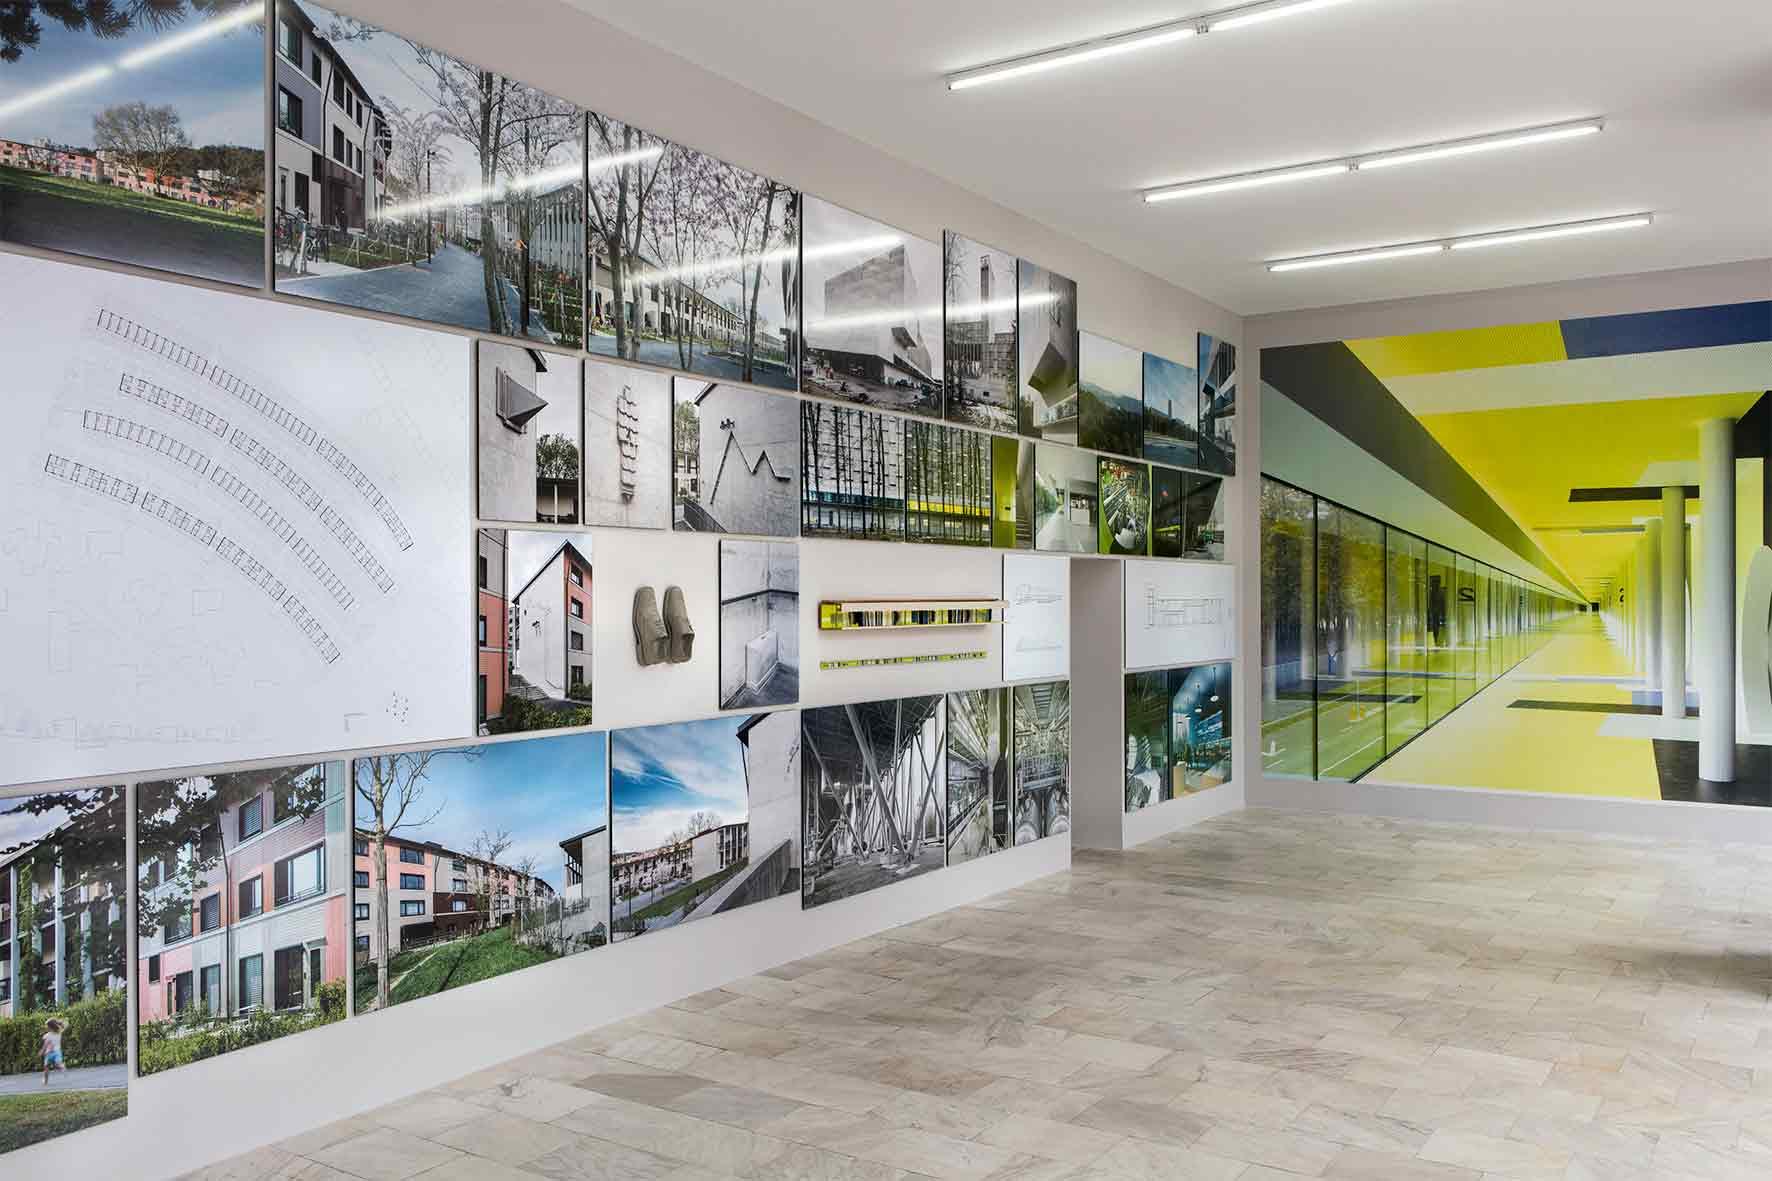 Architektur trifft Kunst – Ausstellung mit MOODESIGN